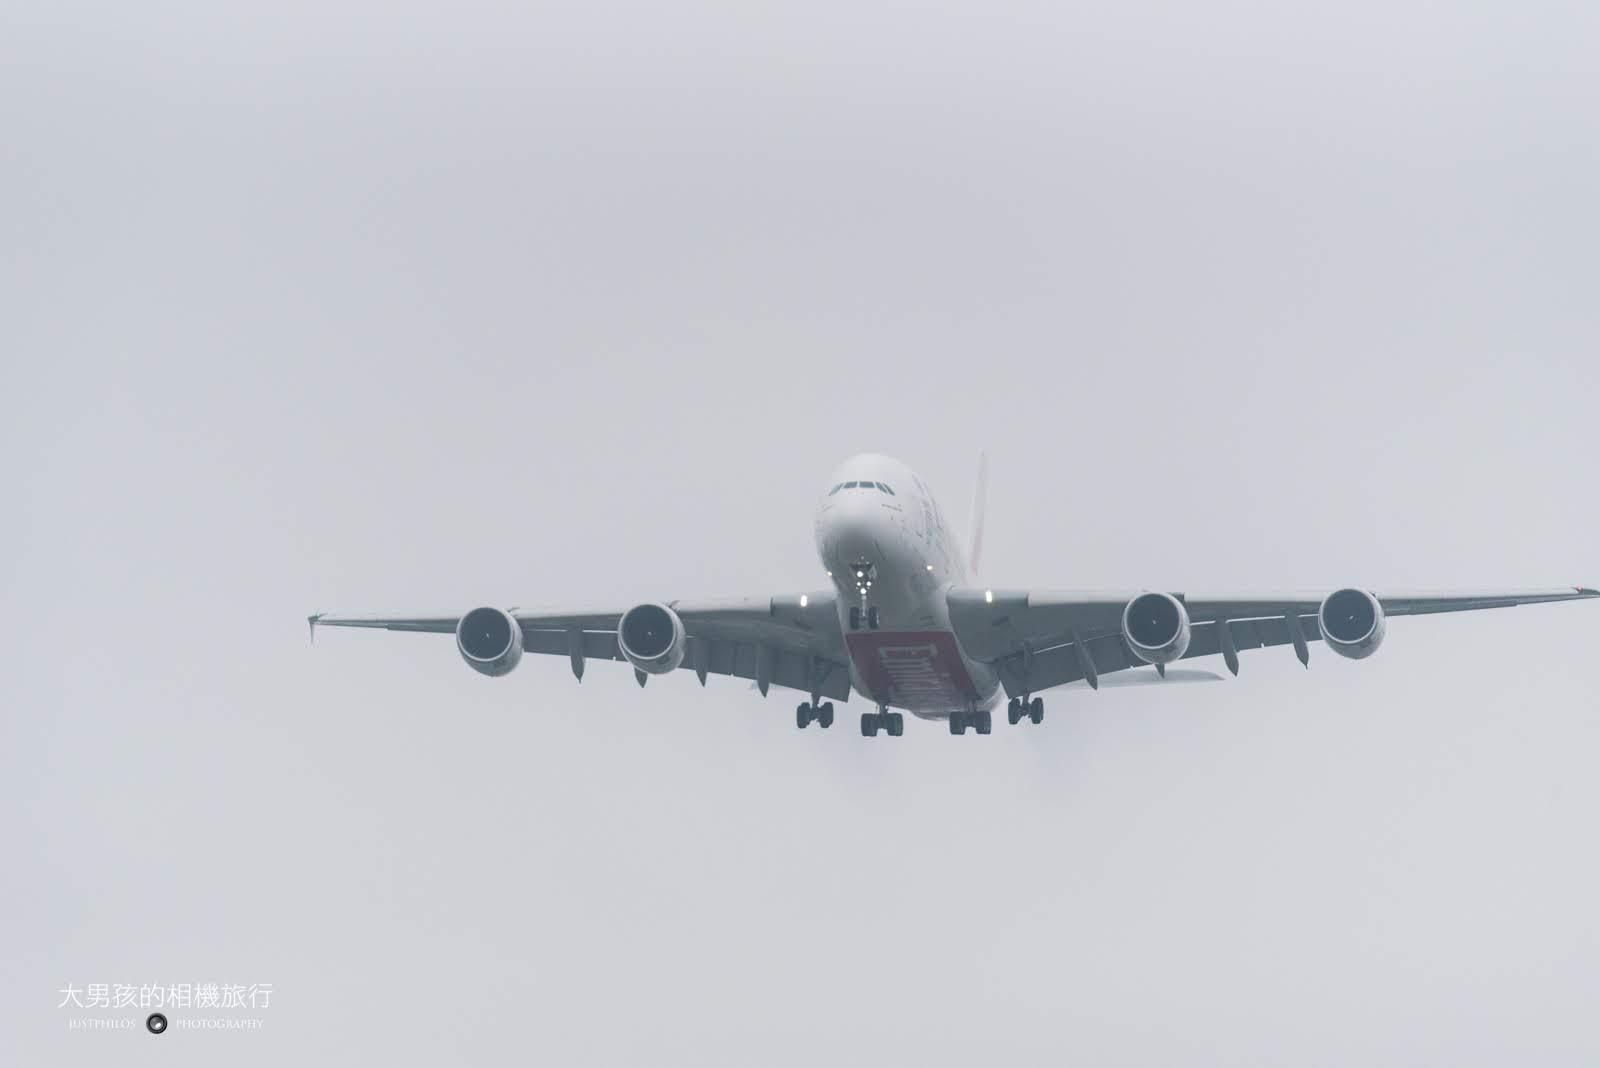 從第三航廈咖啡廳可以近距離體驗A380巨無霸客機從頭上呼嘯而過的震撼感。